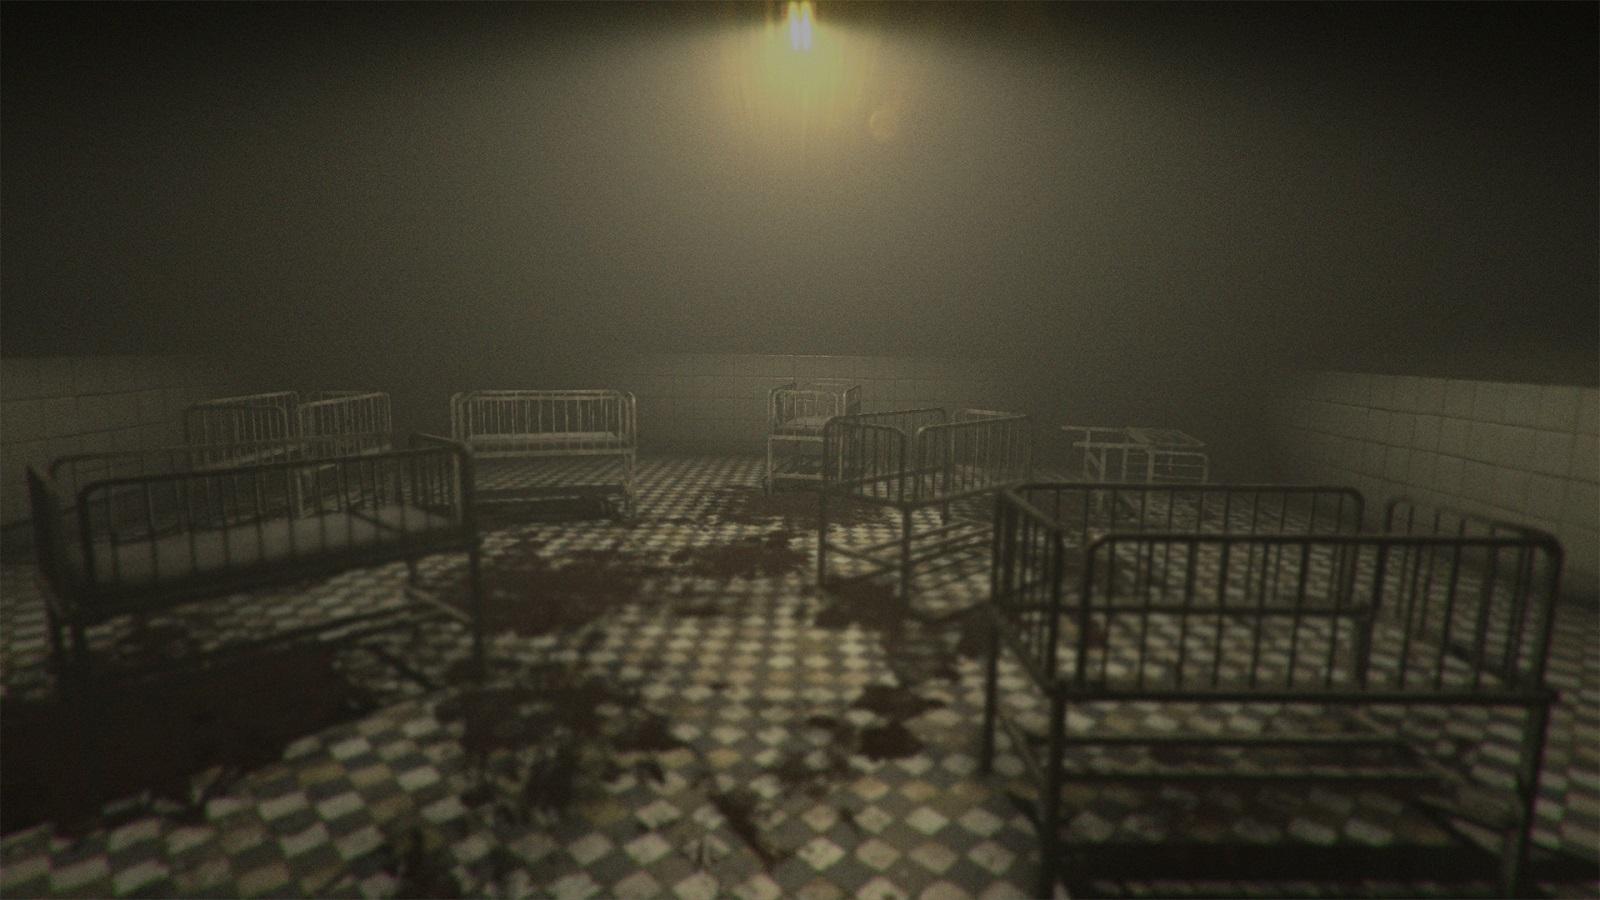 Chernobyl_Beds